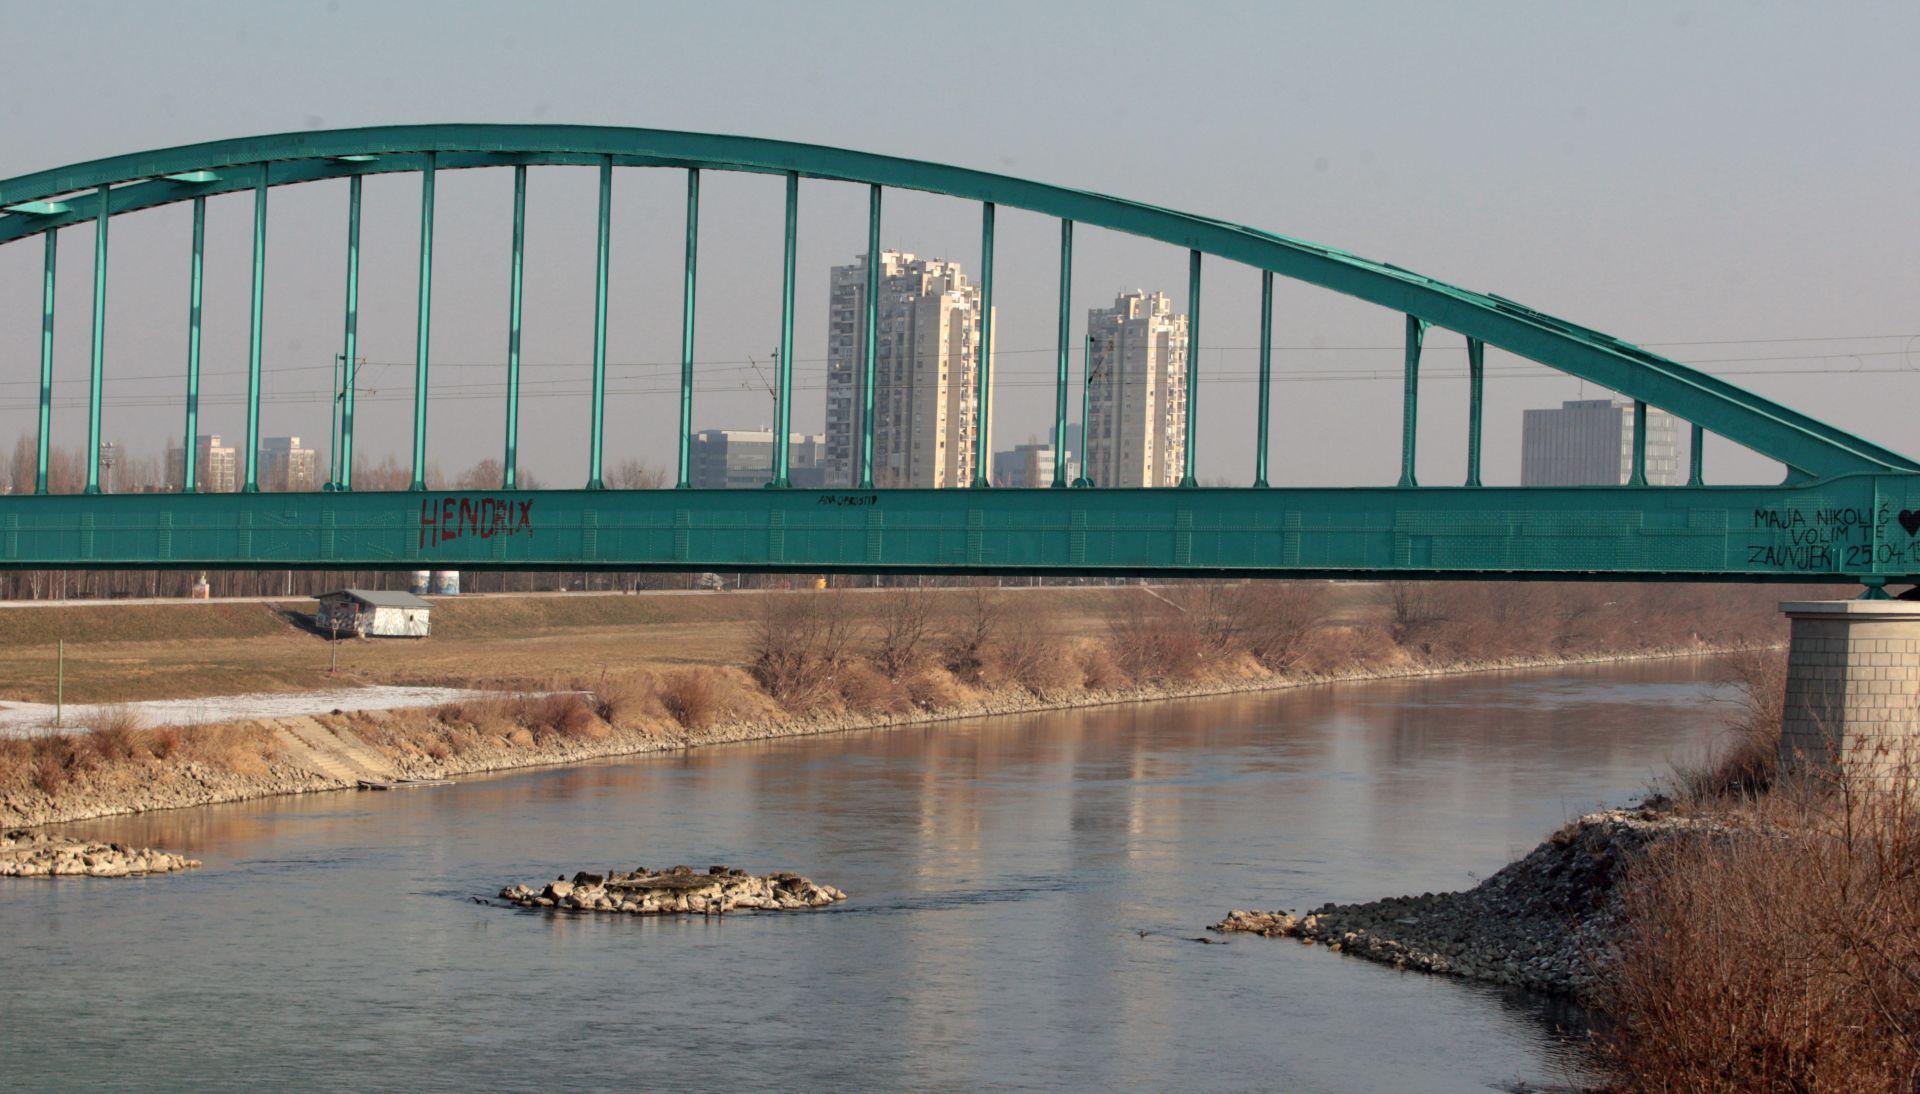 Na Hendrixovom mostu pod vlakom poginula osoba